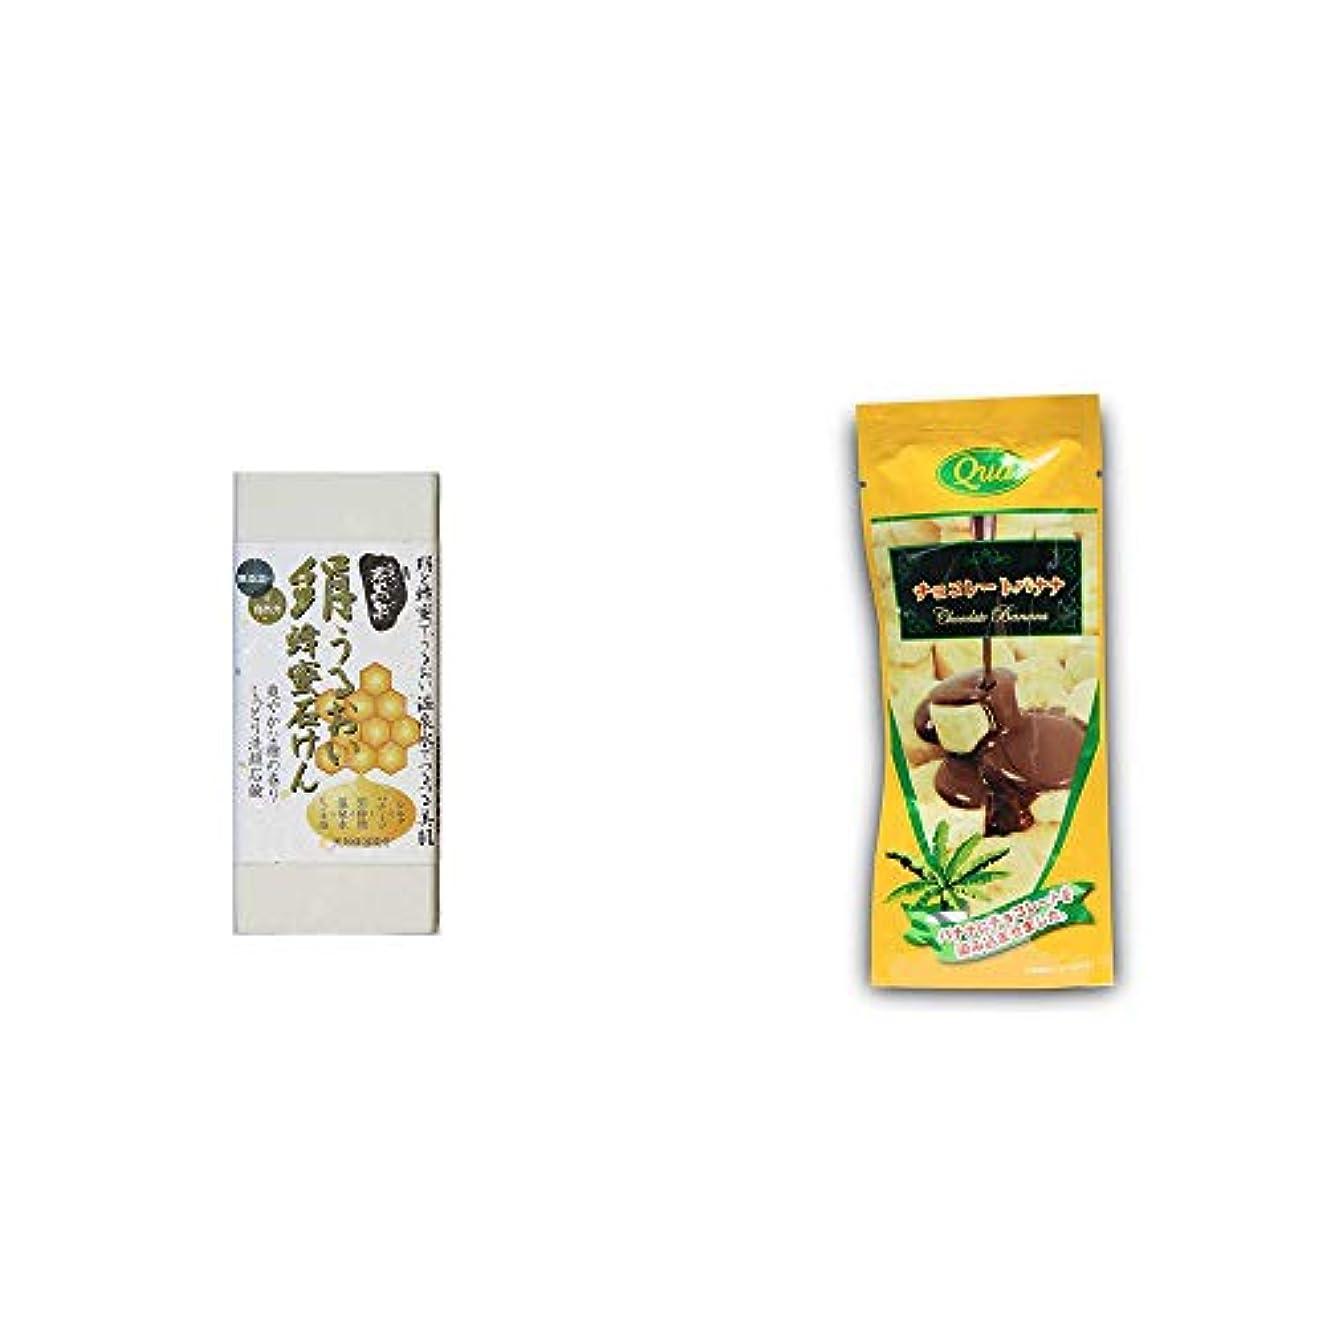 ジレンマ逃す安西[2点セット] ひのき炭黒泉 絹うるおい蜂蜜石けん(75g×2)?フリーズドライ チョコレートバナナ(50g)